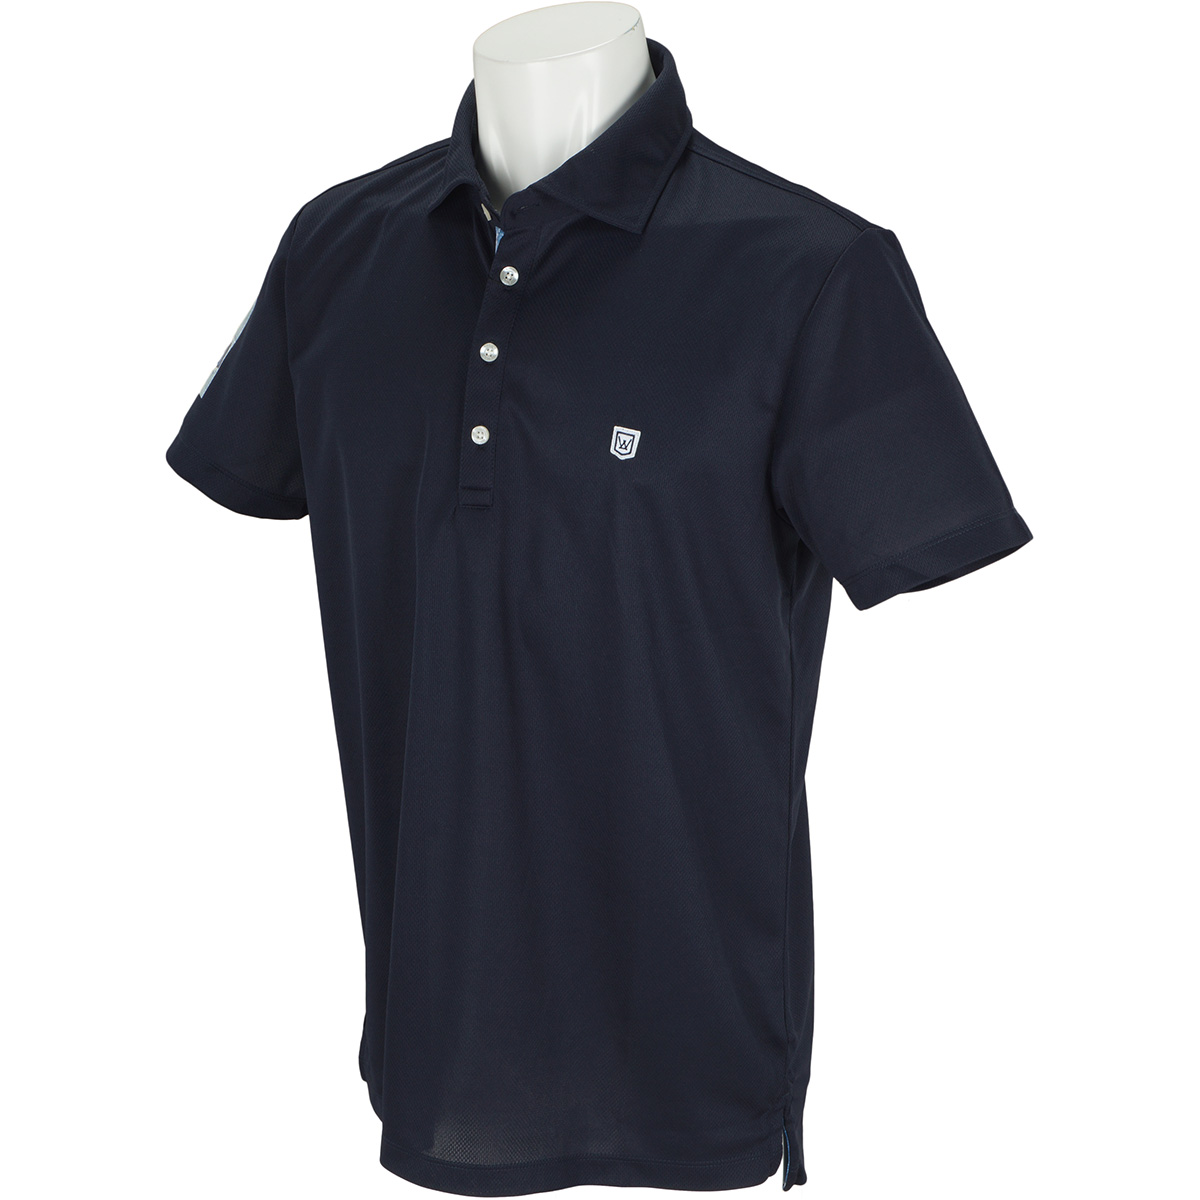 ホリゾンタルカラー 半袖ポロシャツ